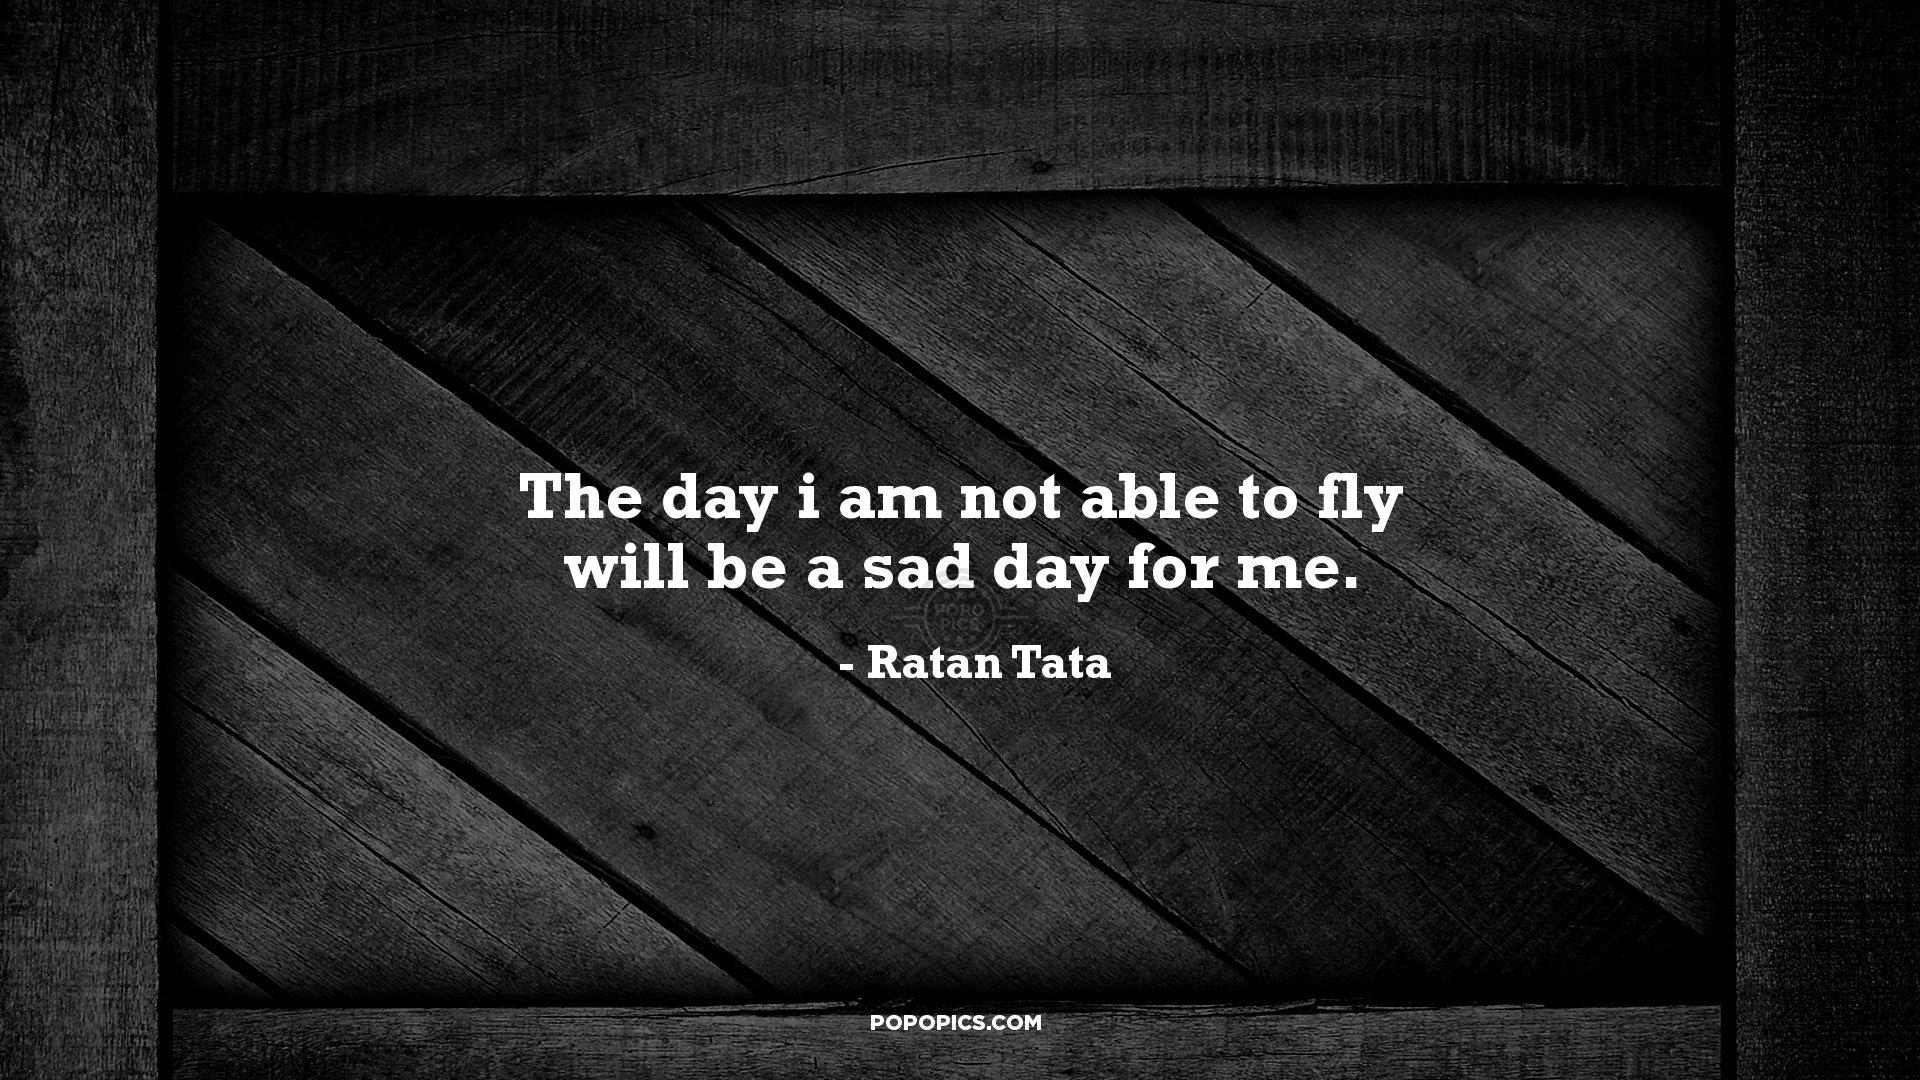 The Day I Am Not Able To Fly Will Be A Sad Day Quotes By Ratan